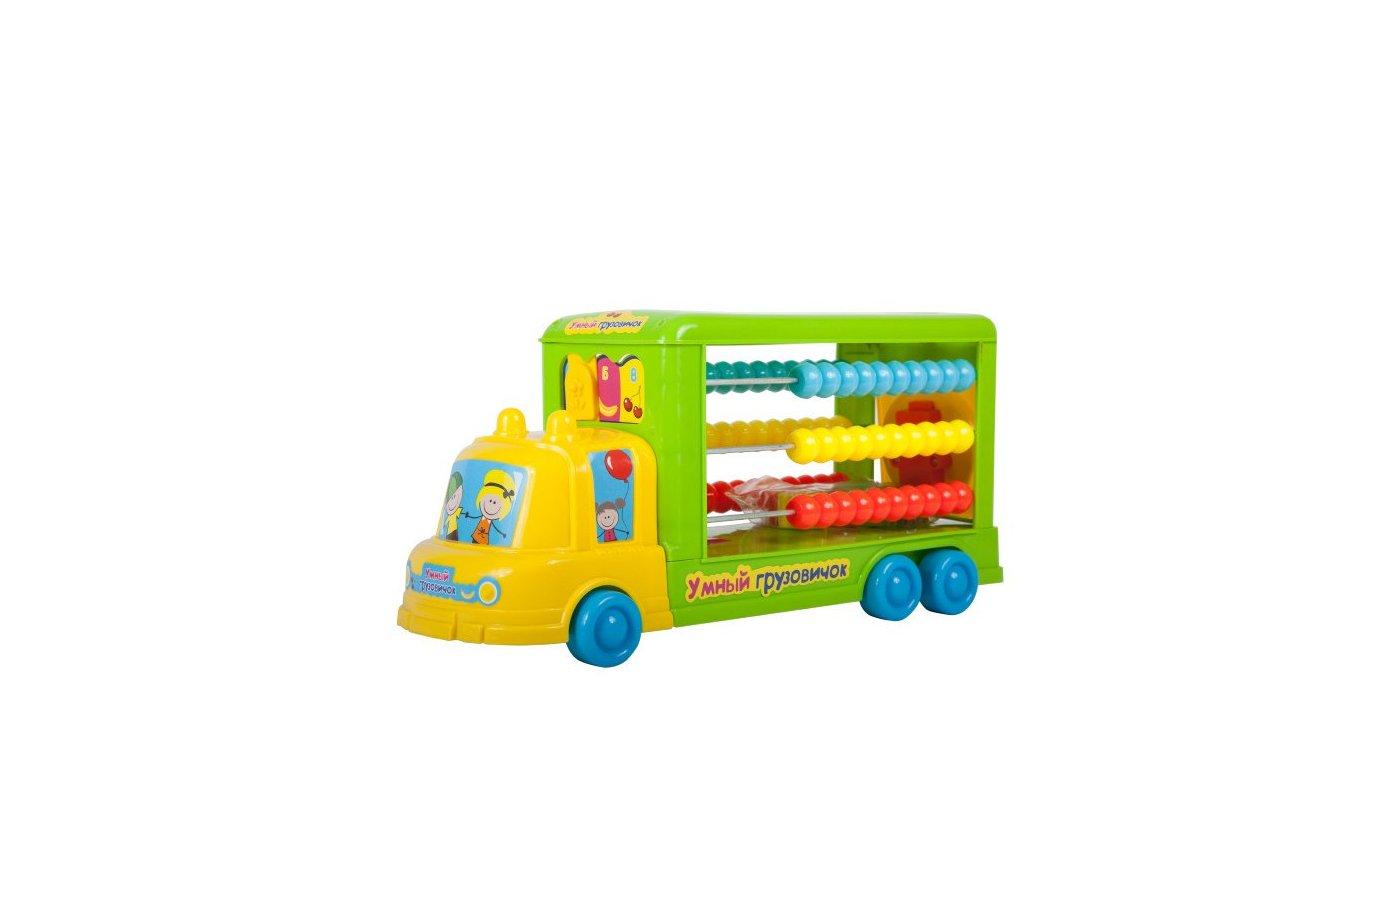 Игрушка Bebelot BEB1301-007 Игрушка сортер-каталка Умный грузовичок